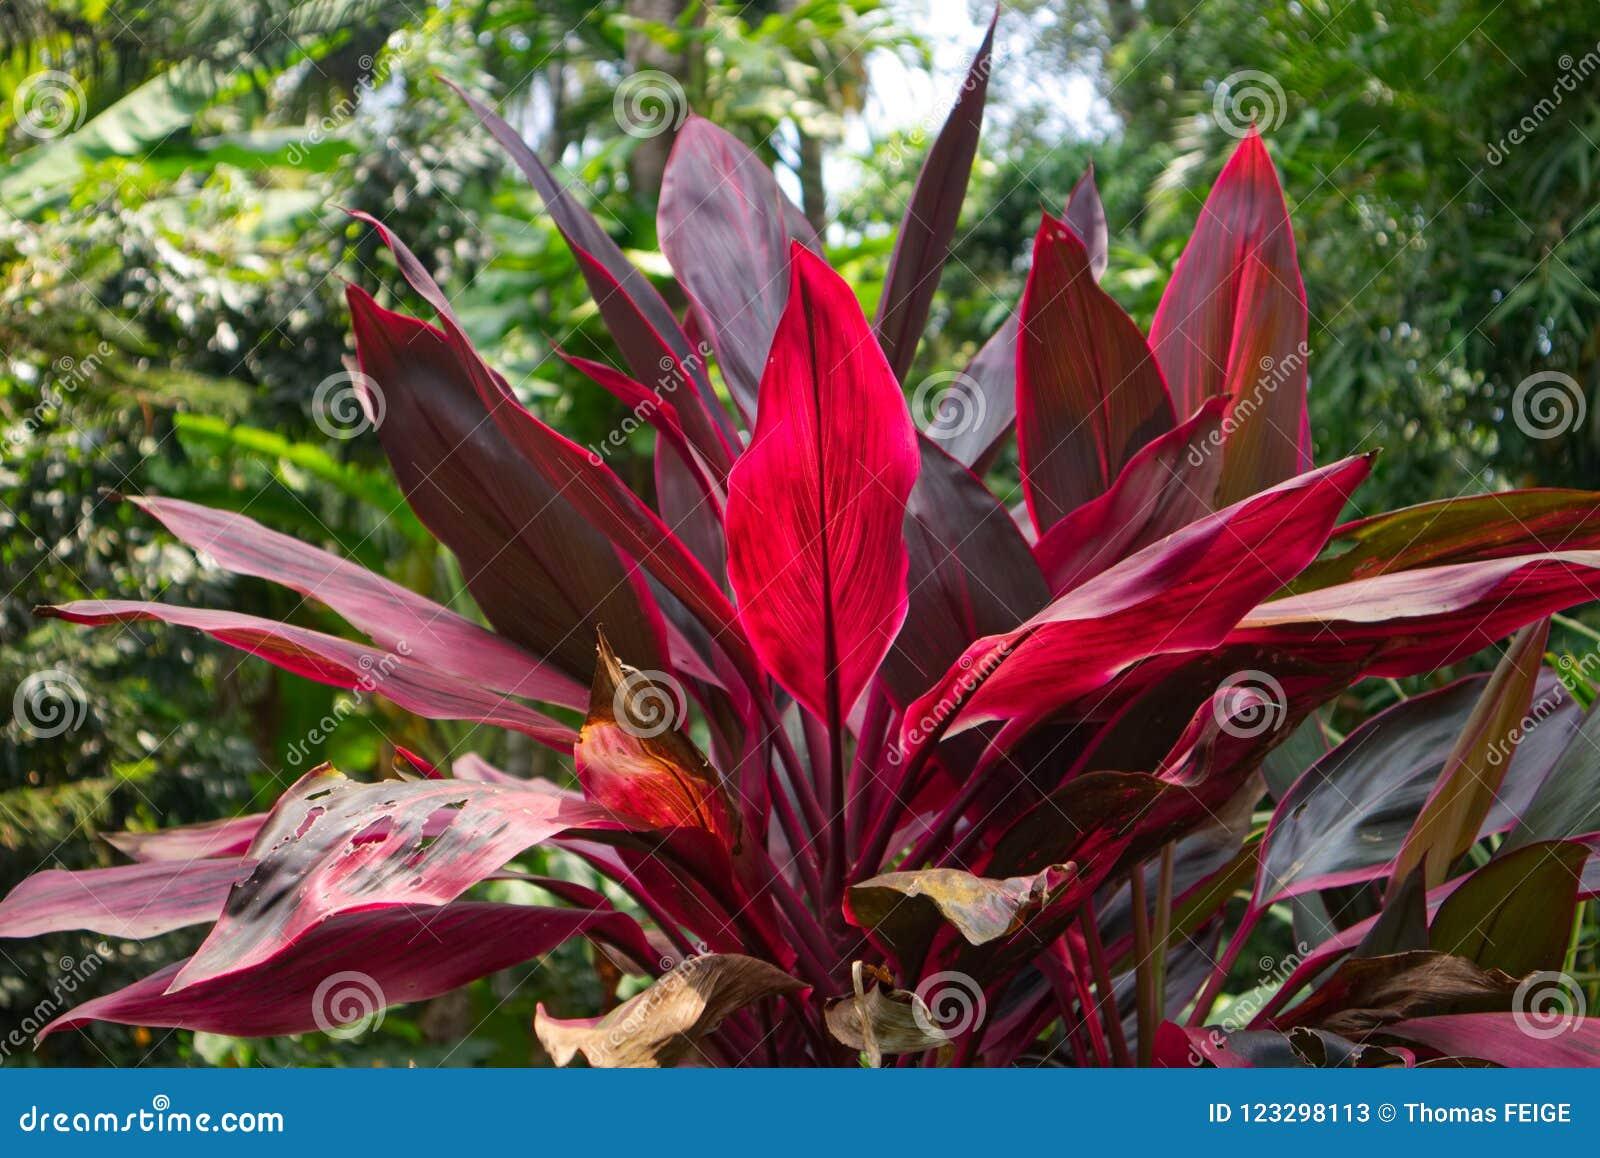 Eine Fotografie einer tropischen Cordyline fruticosa Anlage